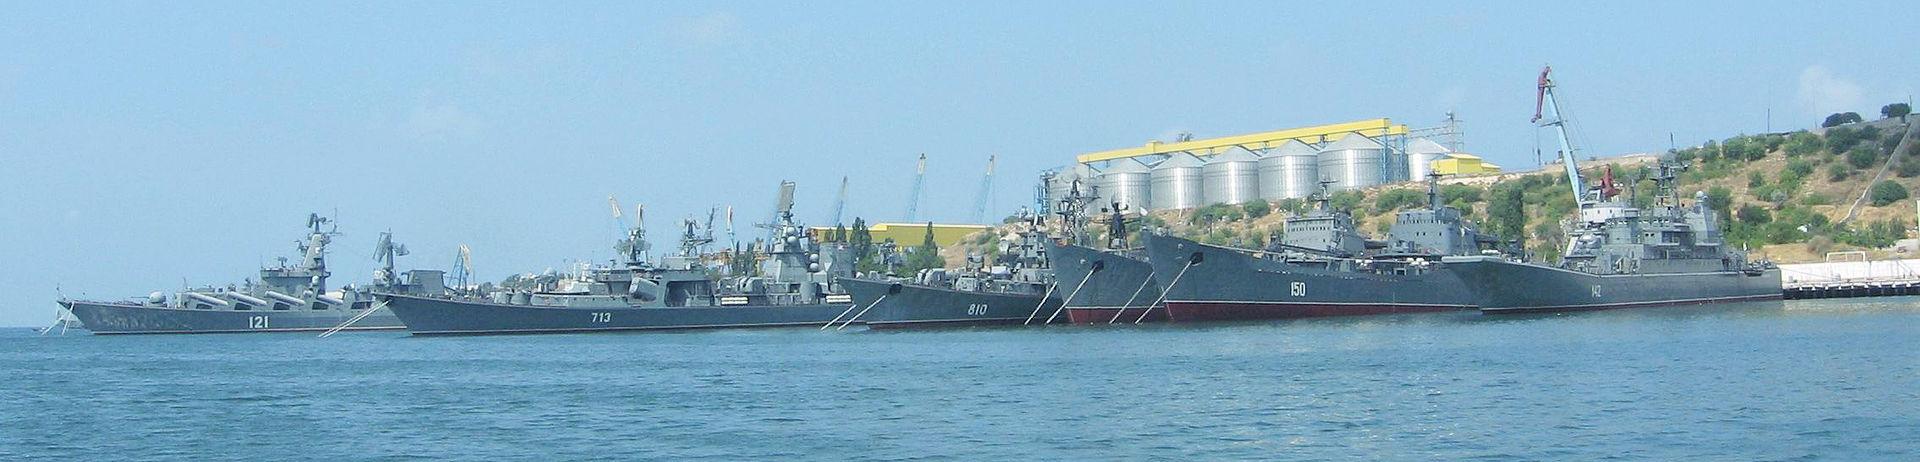 القوة البحرية الروسية تحديث الأسلحة والقواعد وتعزيز الانتشار 1920px-Soviet_and_Russian_Black_Sea_Fleet